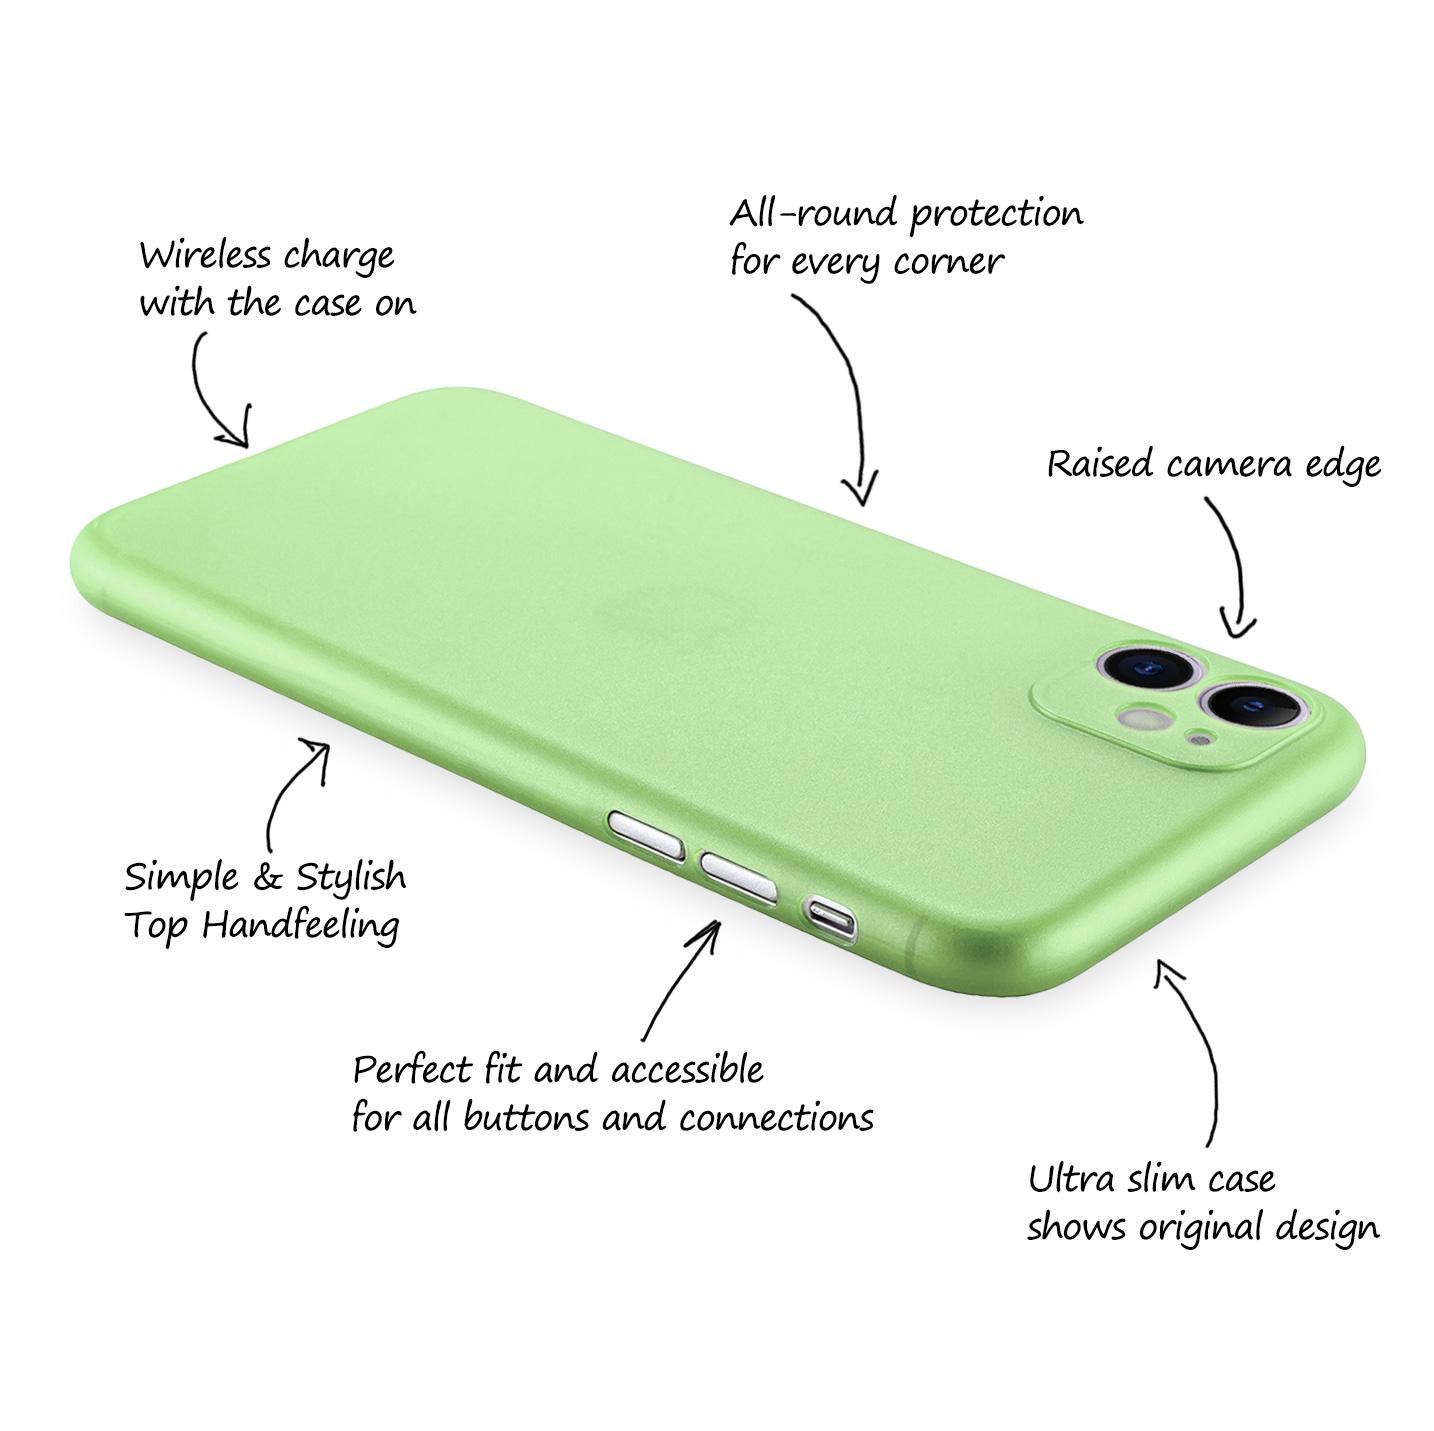 Ultra-Slim-Case-iPhone-11-6-1-034-Matt-Clear-Schutz-Huelle-Skin-Cover-Tasche-Folie Indexbild 30